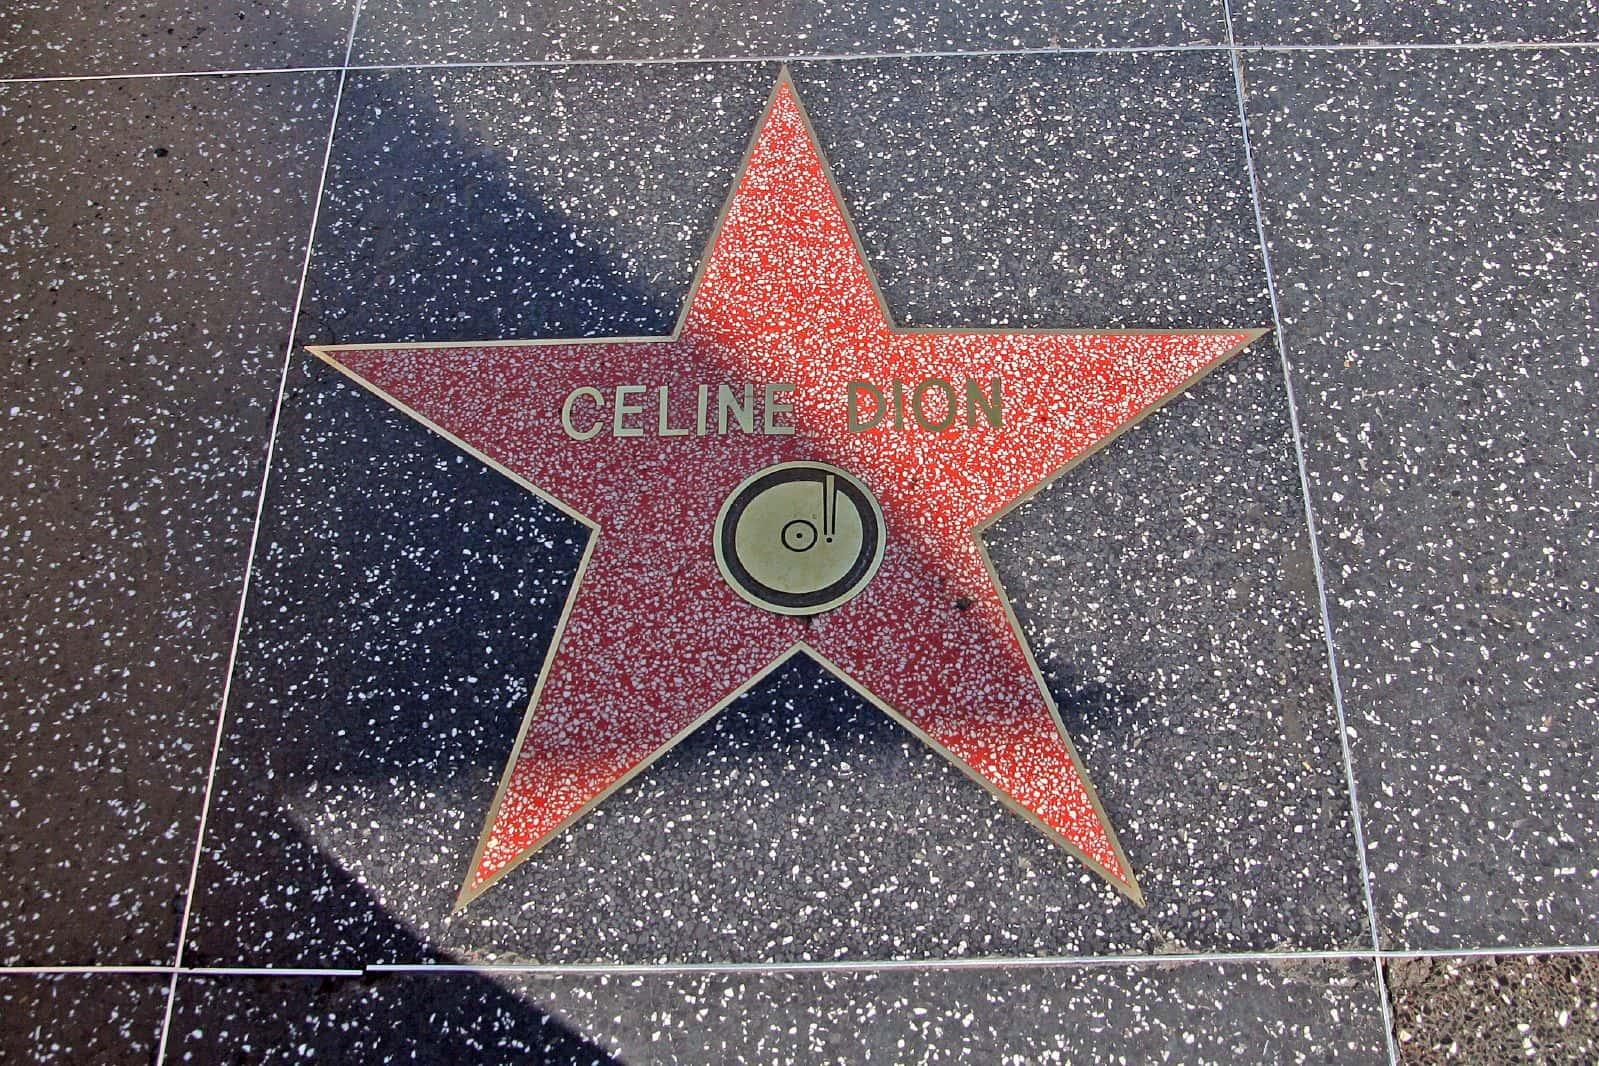 Céline Dion facts